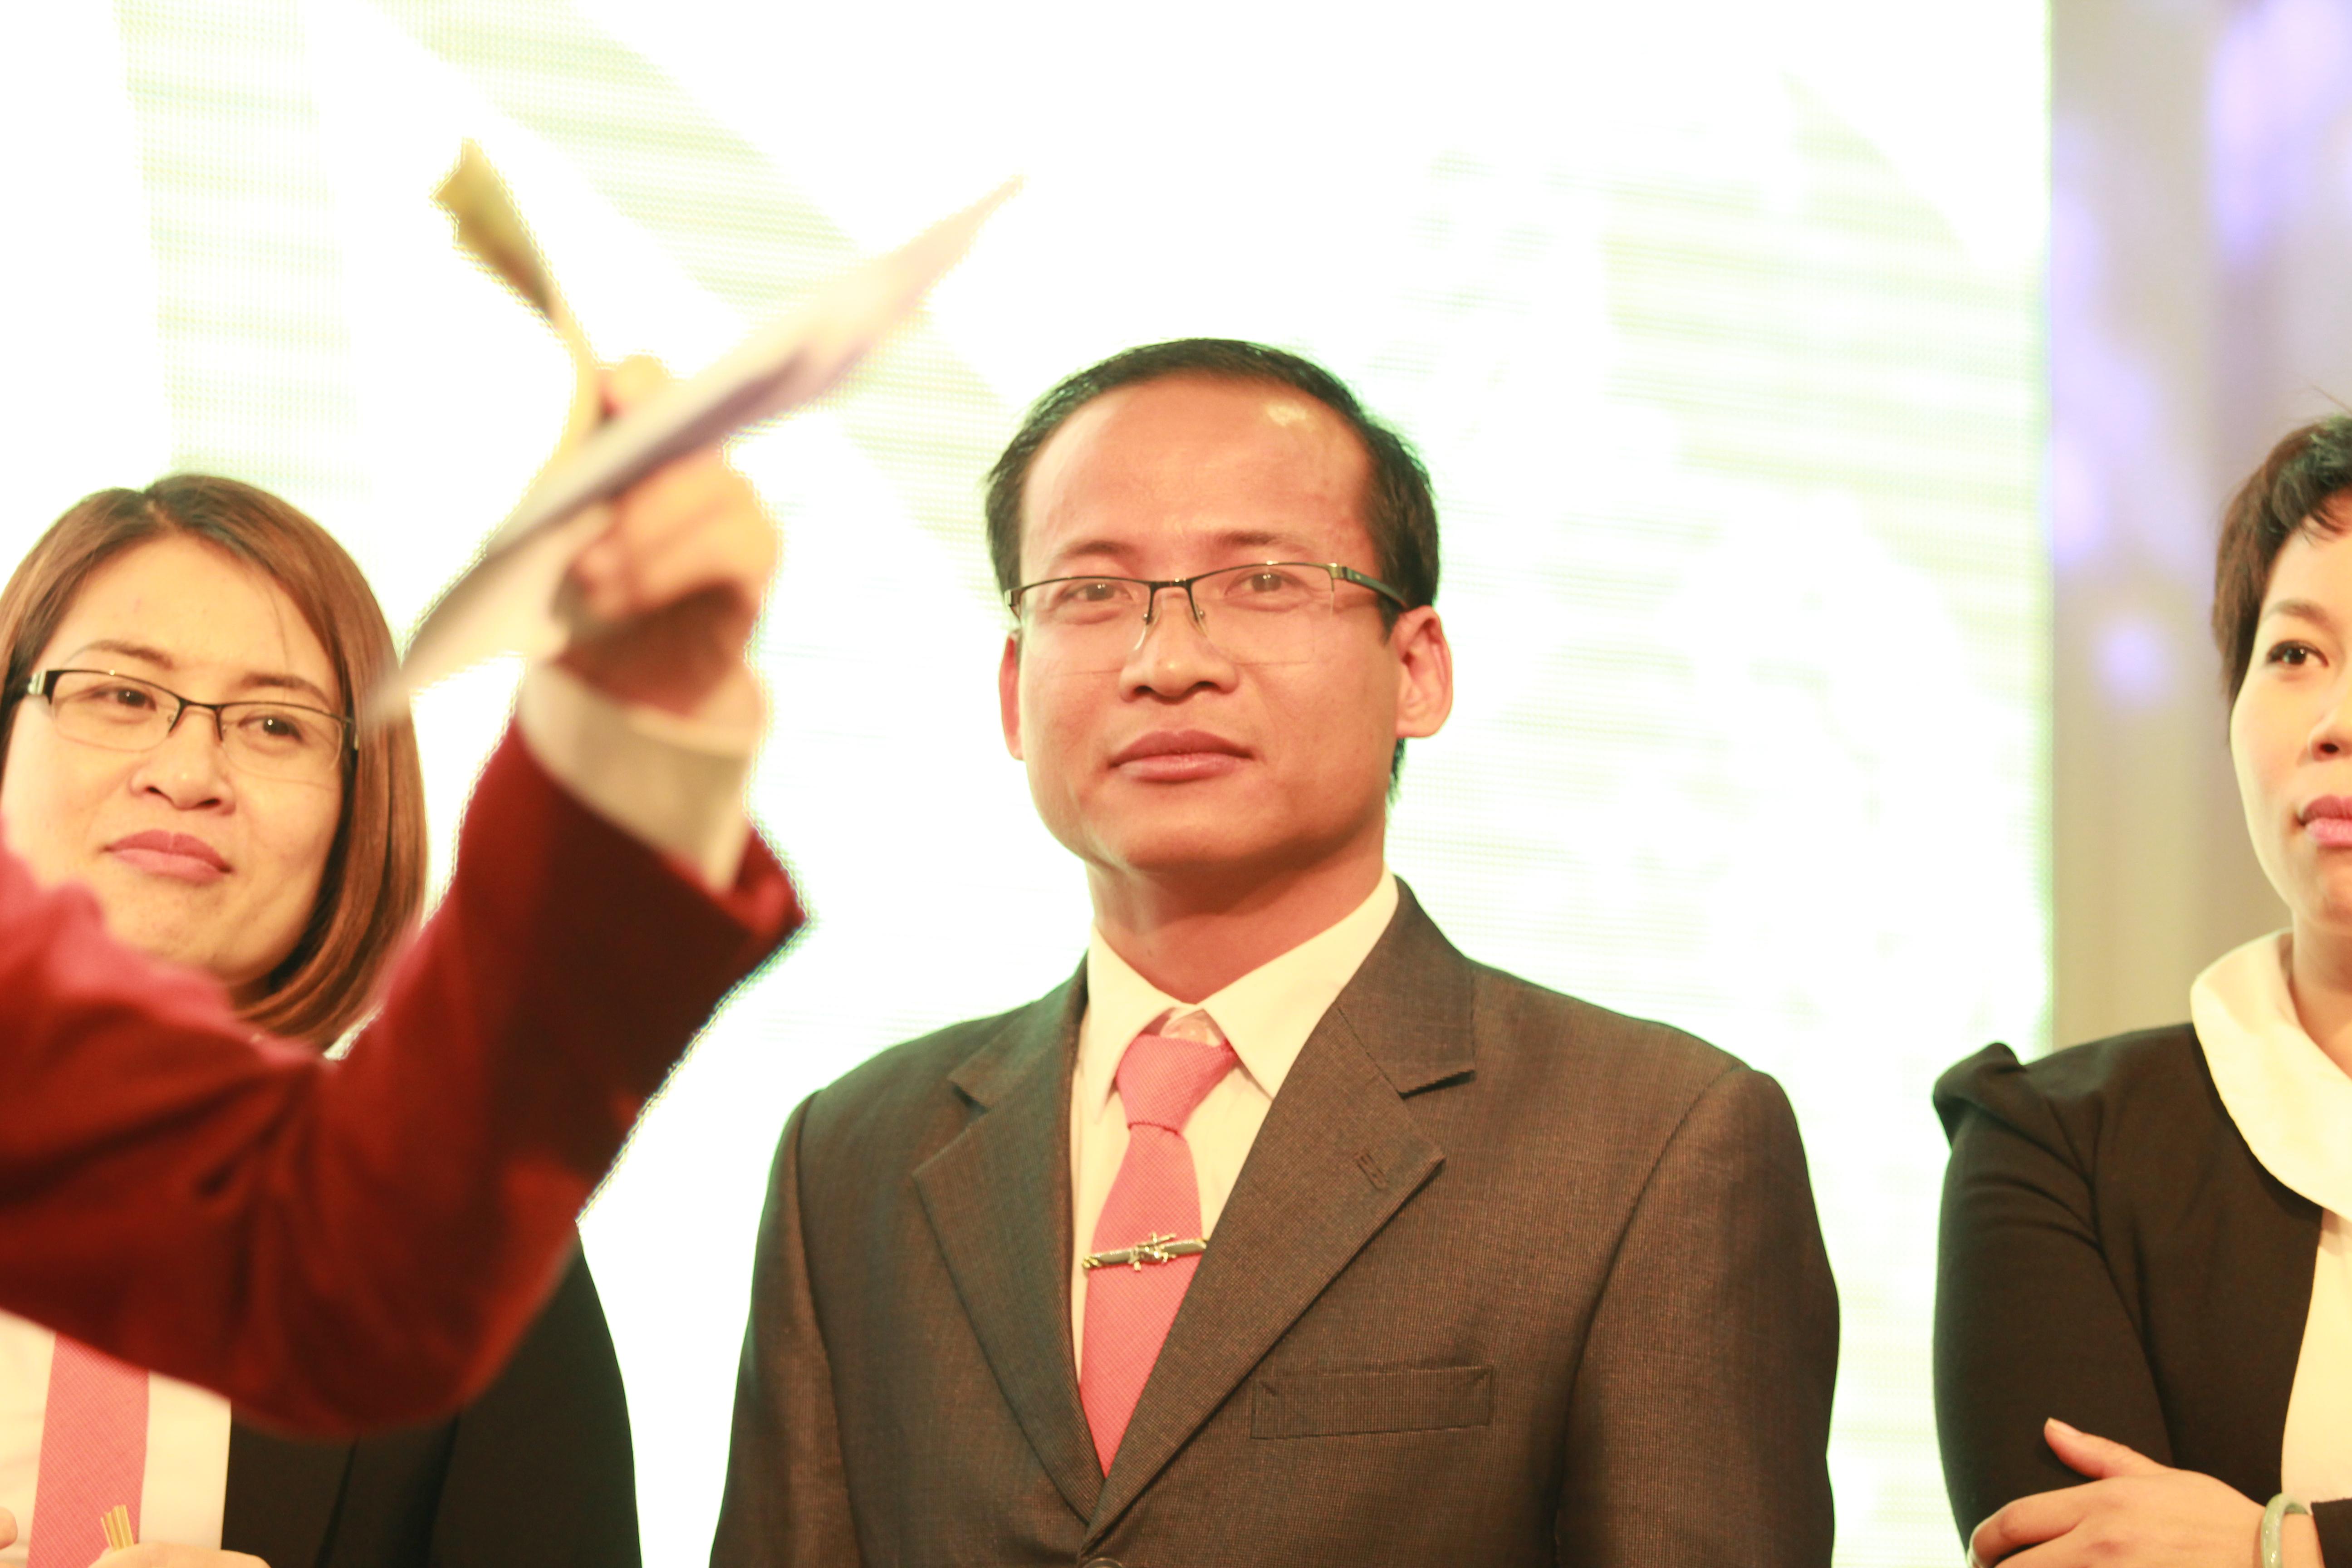 Ông Đinh Hữu Thịnh GTIC building 175 + 176  Bình Kiều 2 - Đông Hải 2 - Hải An - Hải phòng.